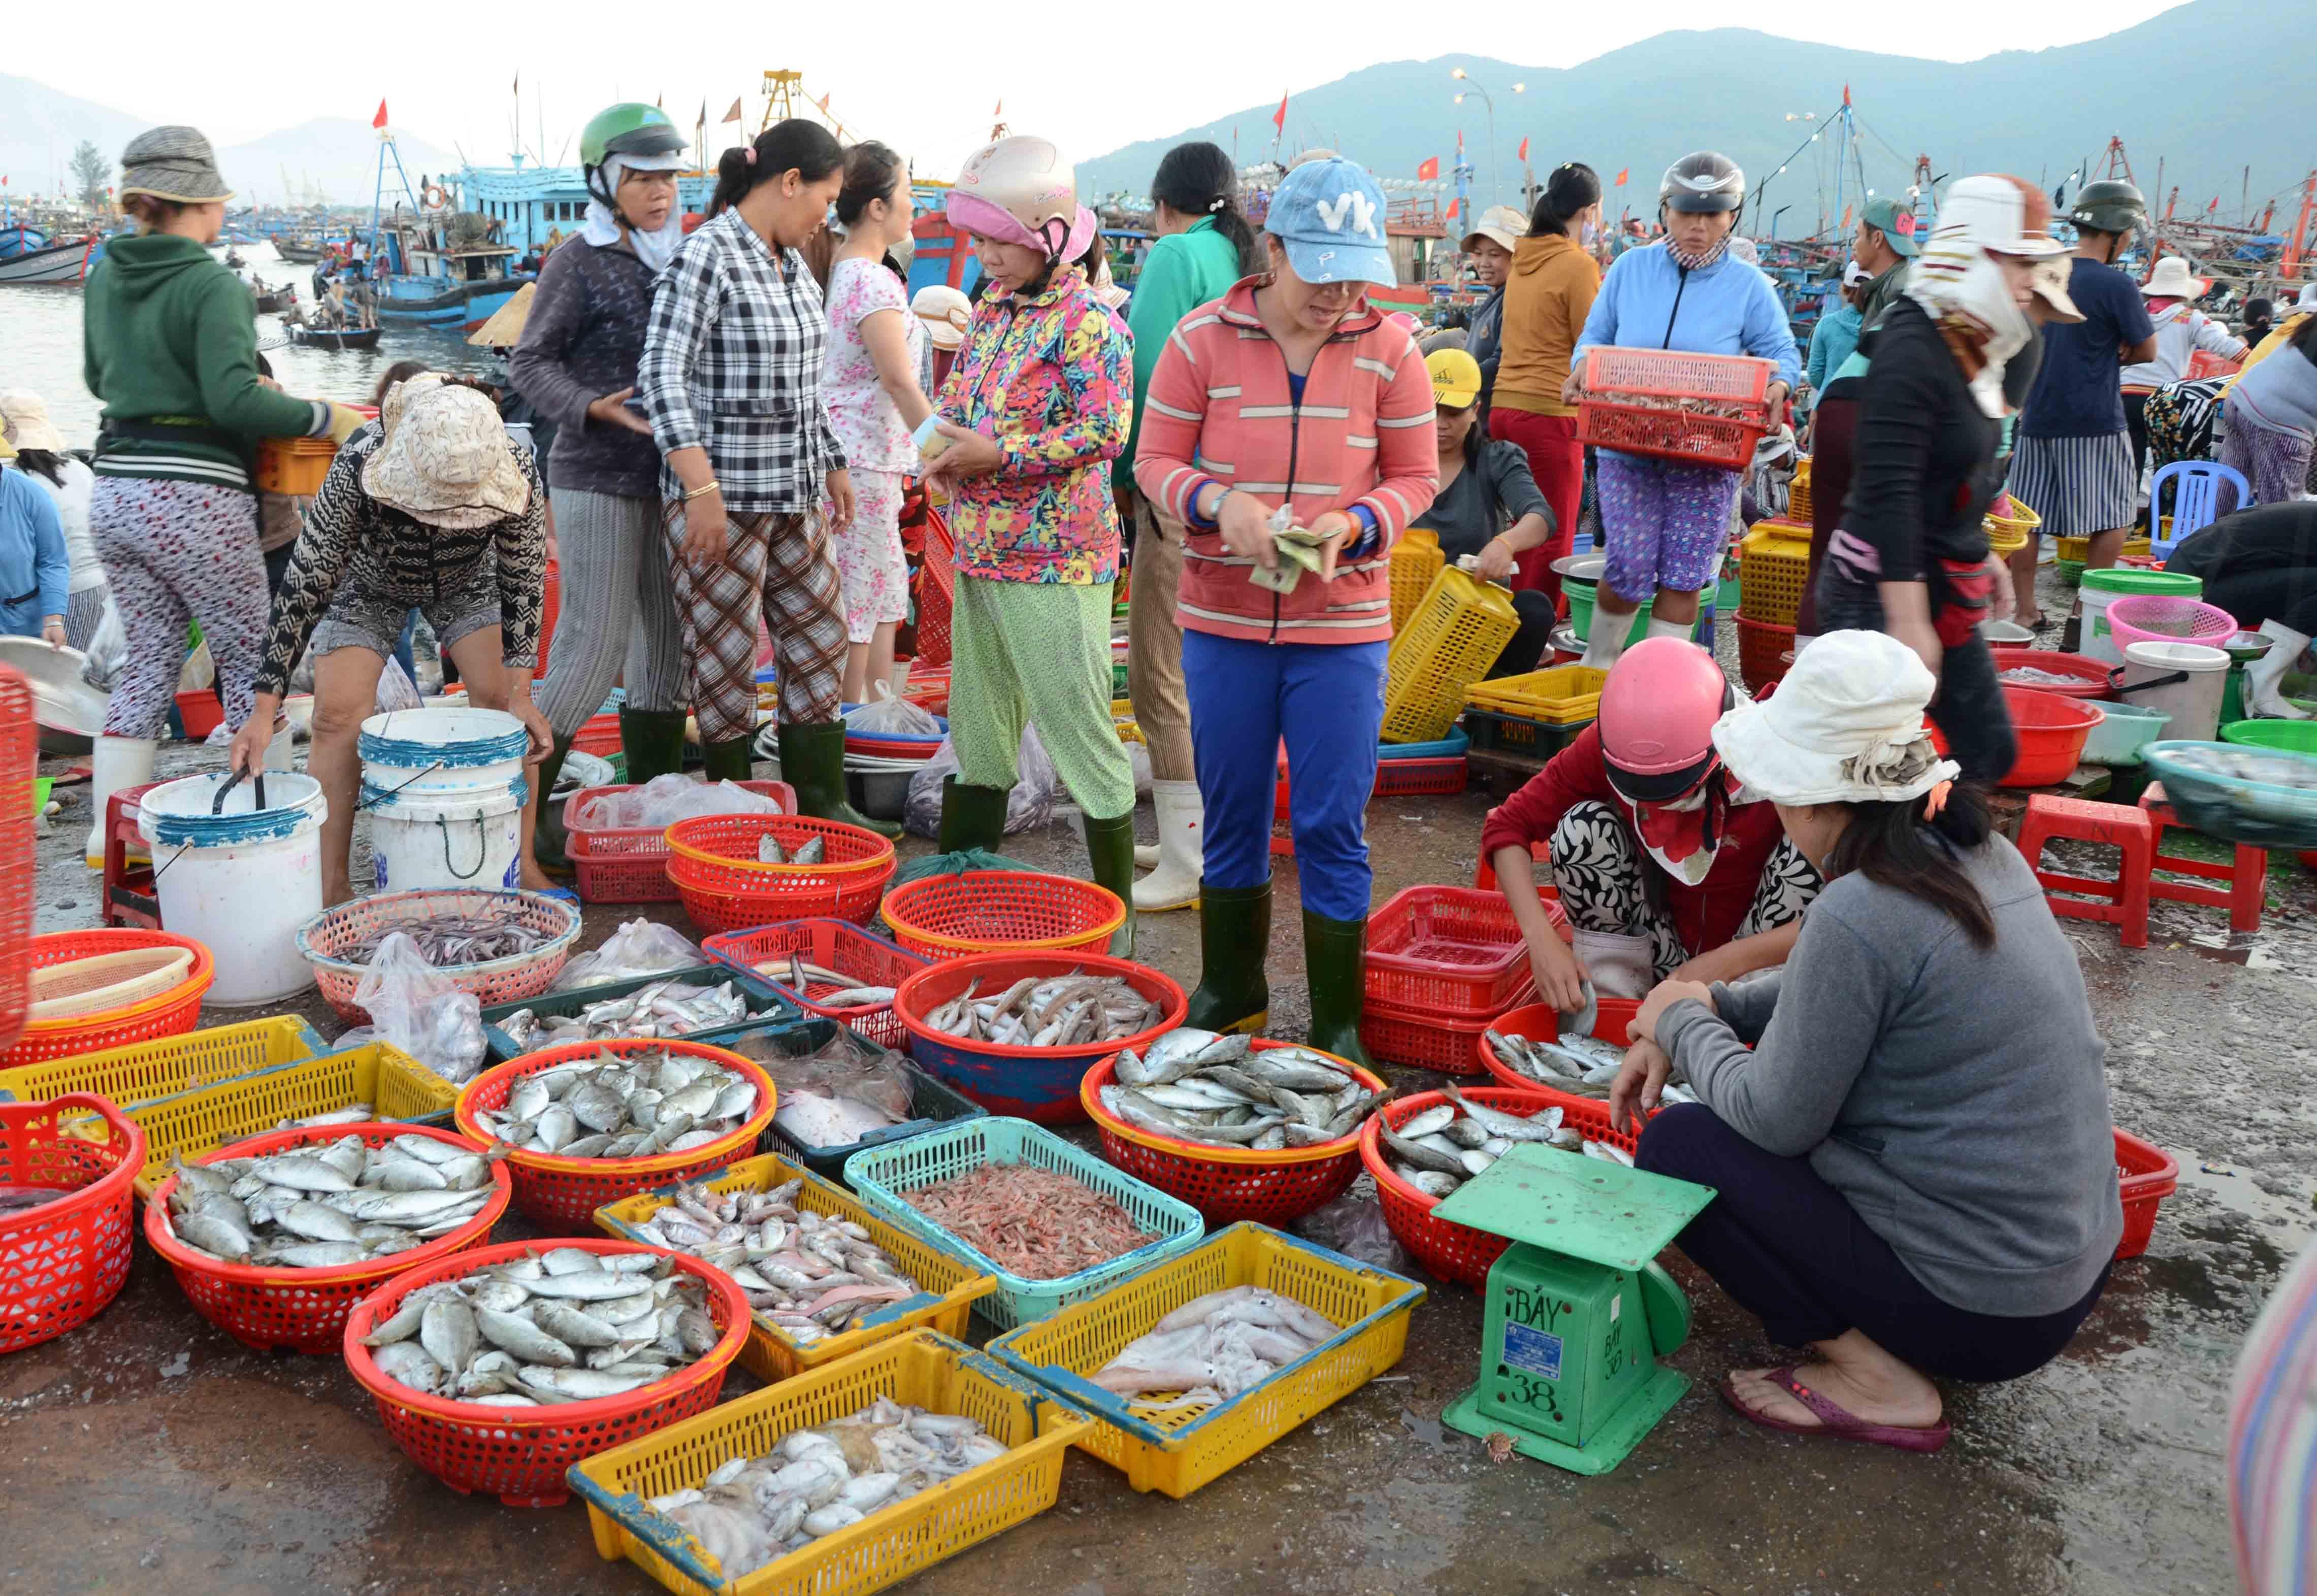 Khám phá những khu chợ đầu mối lớn nhất Việt Nam - Ảnh 8.